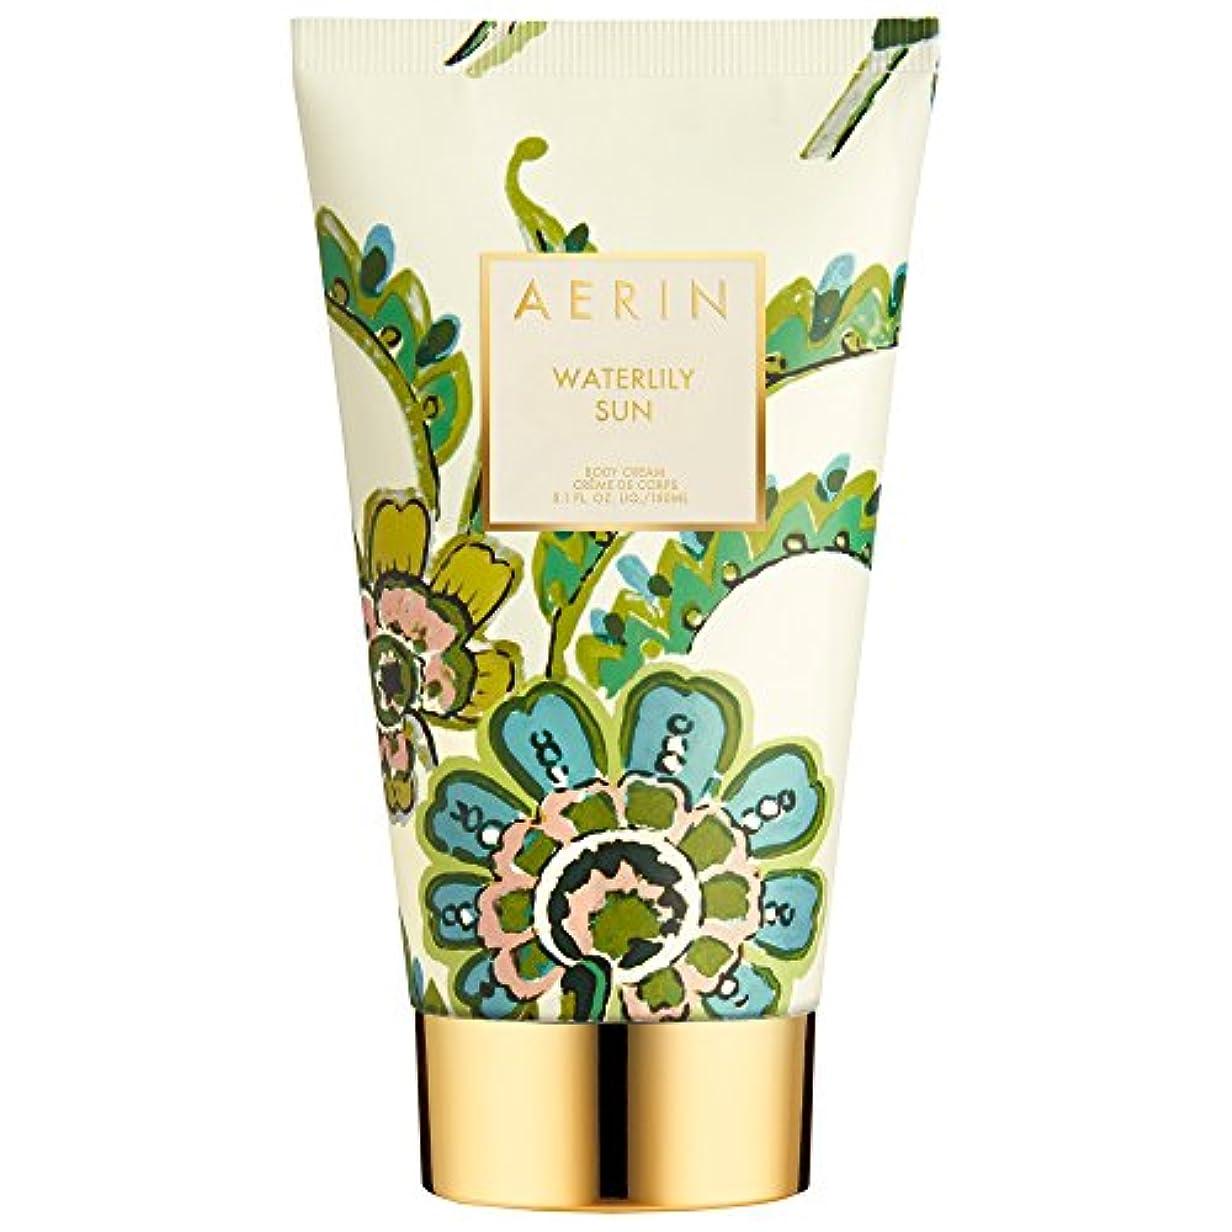 墓地不利益暴力的なAerinスイレン日ボディクリーム150ミリリットル (AERIN) (x2) - AERIN Waterlily Sun Body Cream 150ml (Pack of 2) [並行輸入品]